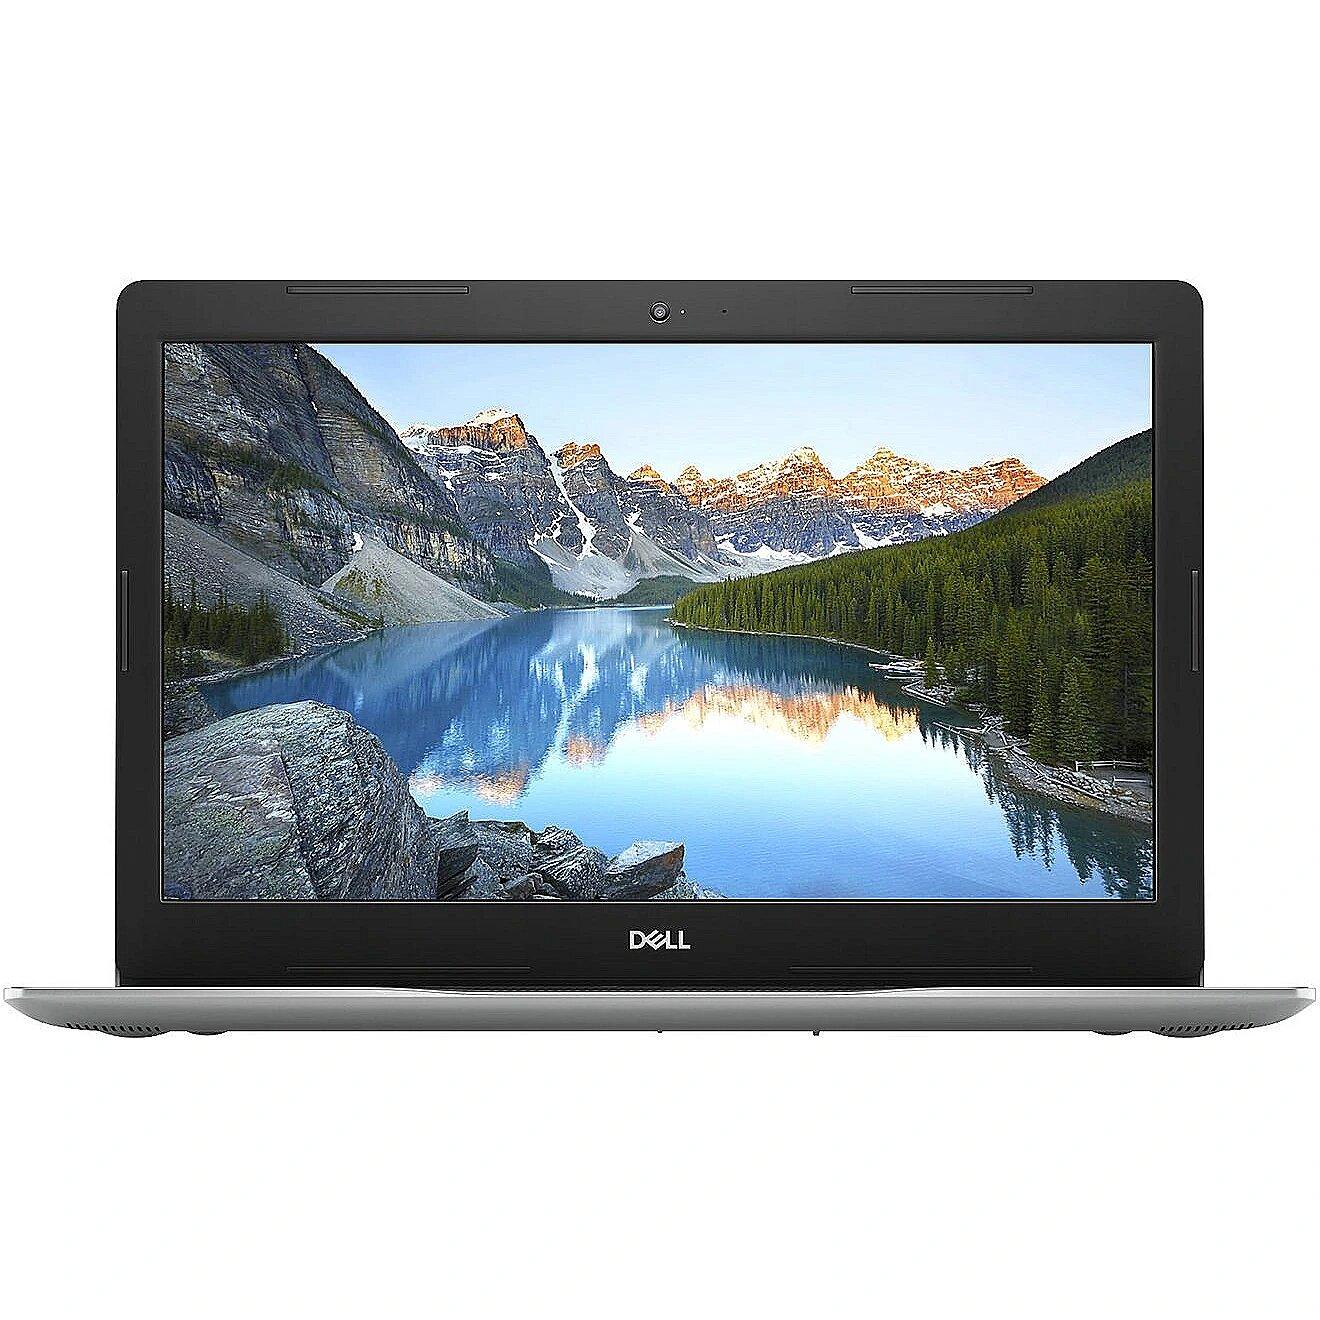 Dell Inspiron 17 (3793) Silver, 17.3